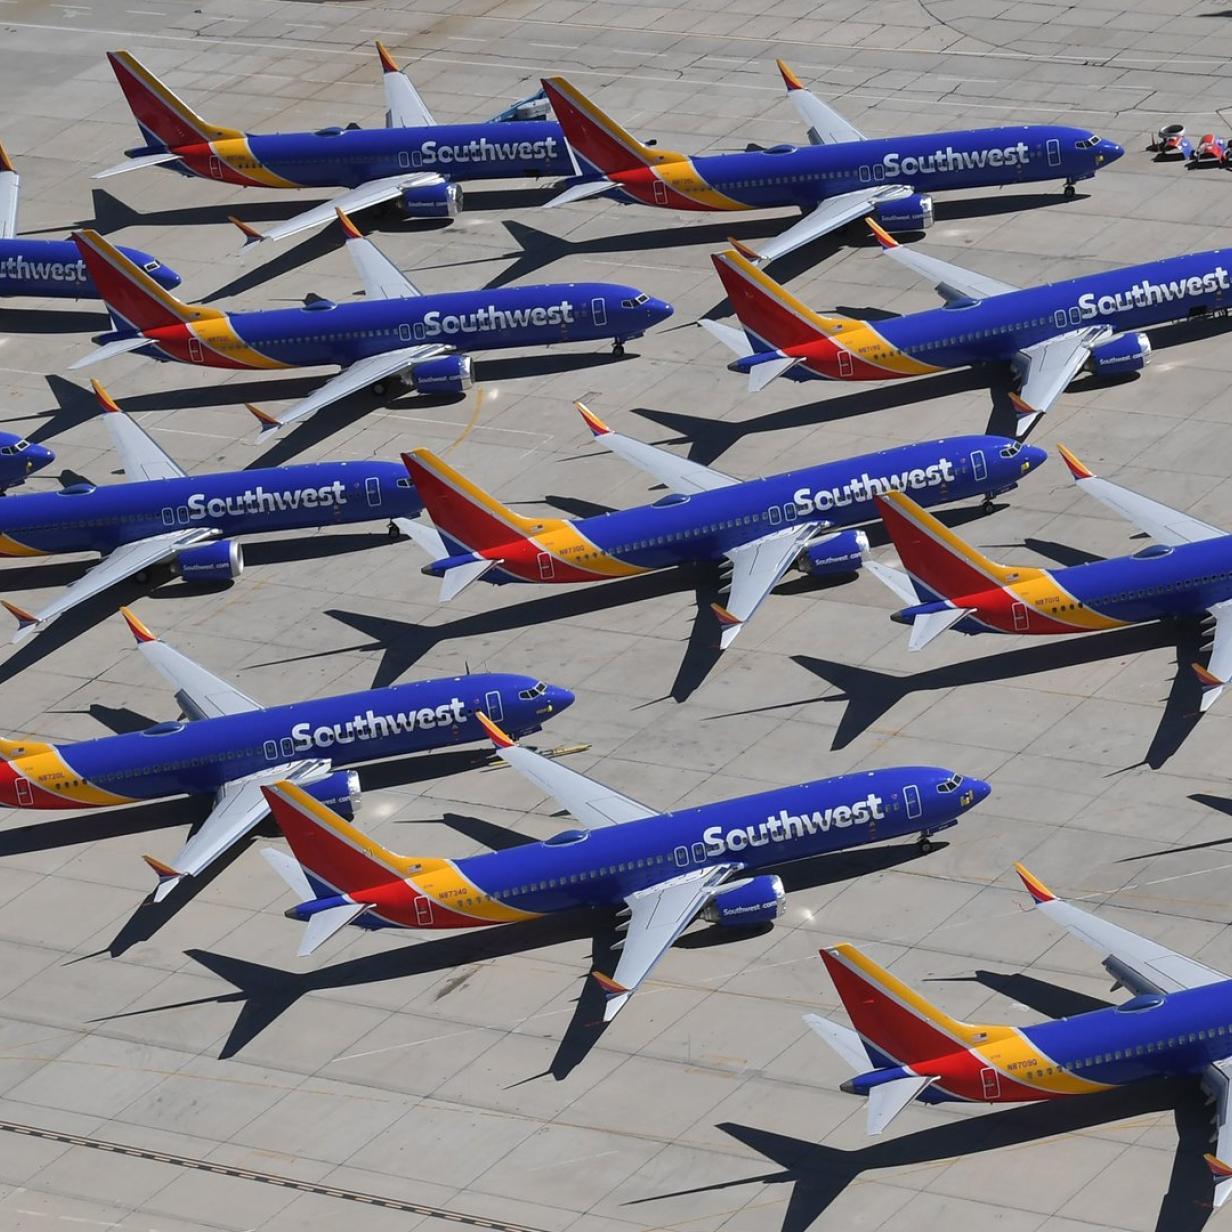 Historischer Verlust: Boeing im Dauer-Krisenmodus